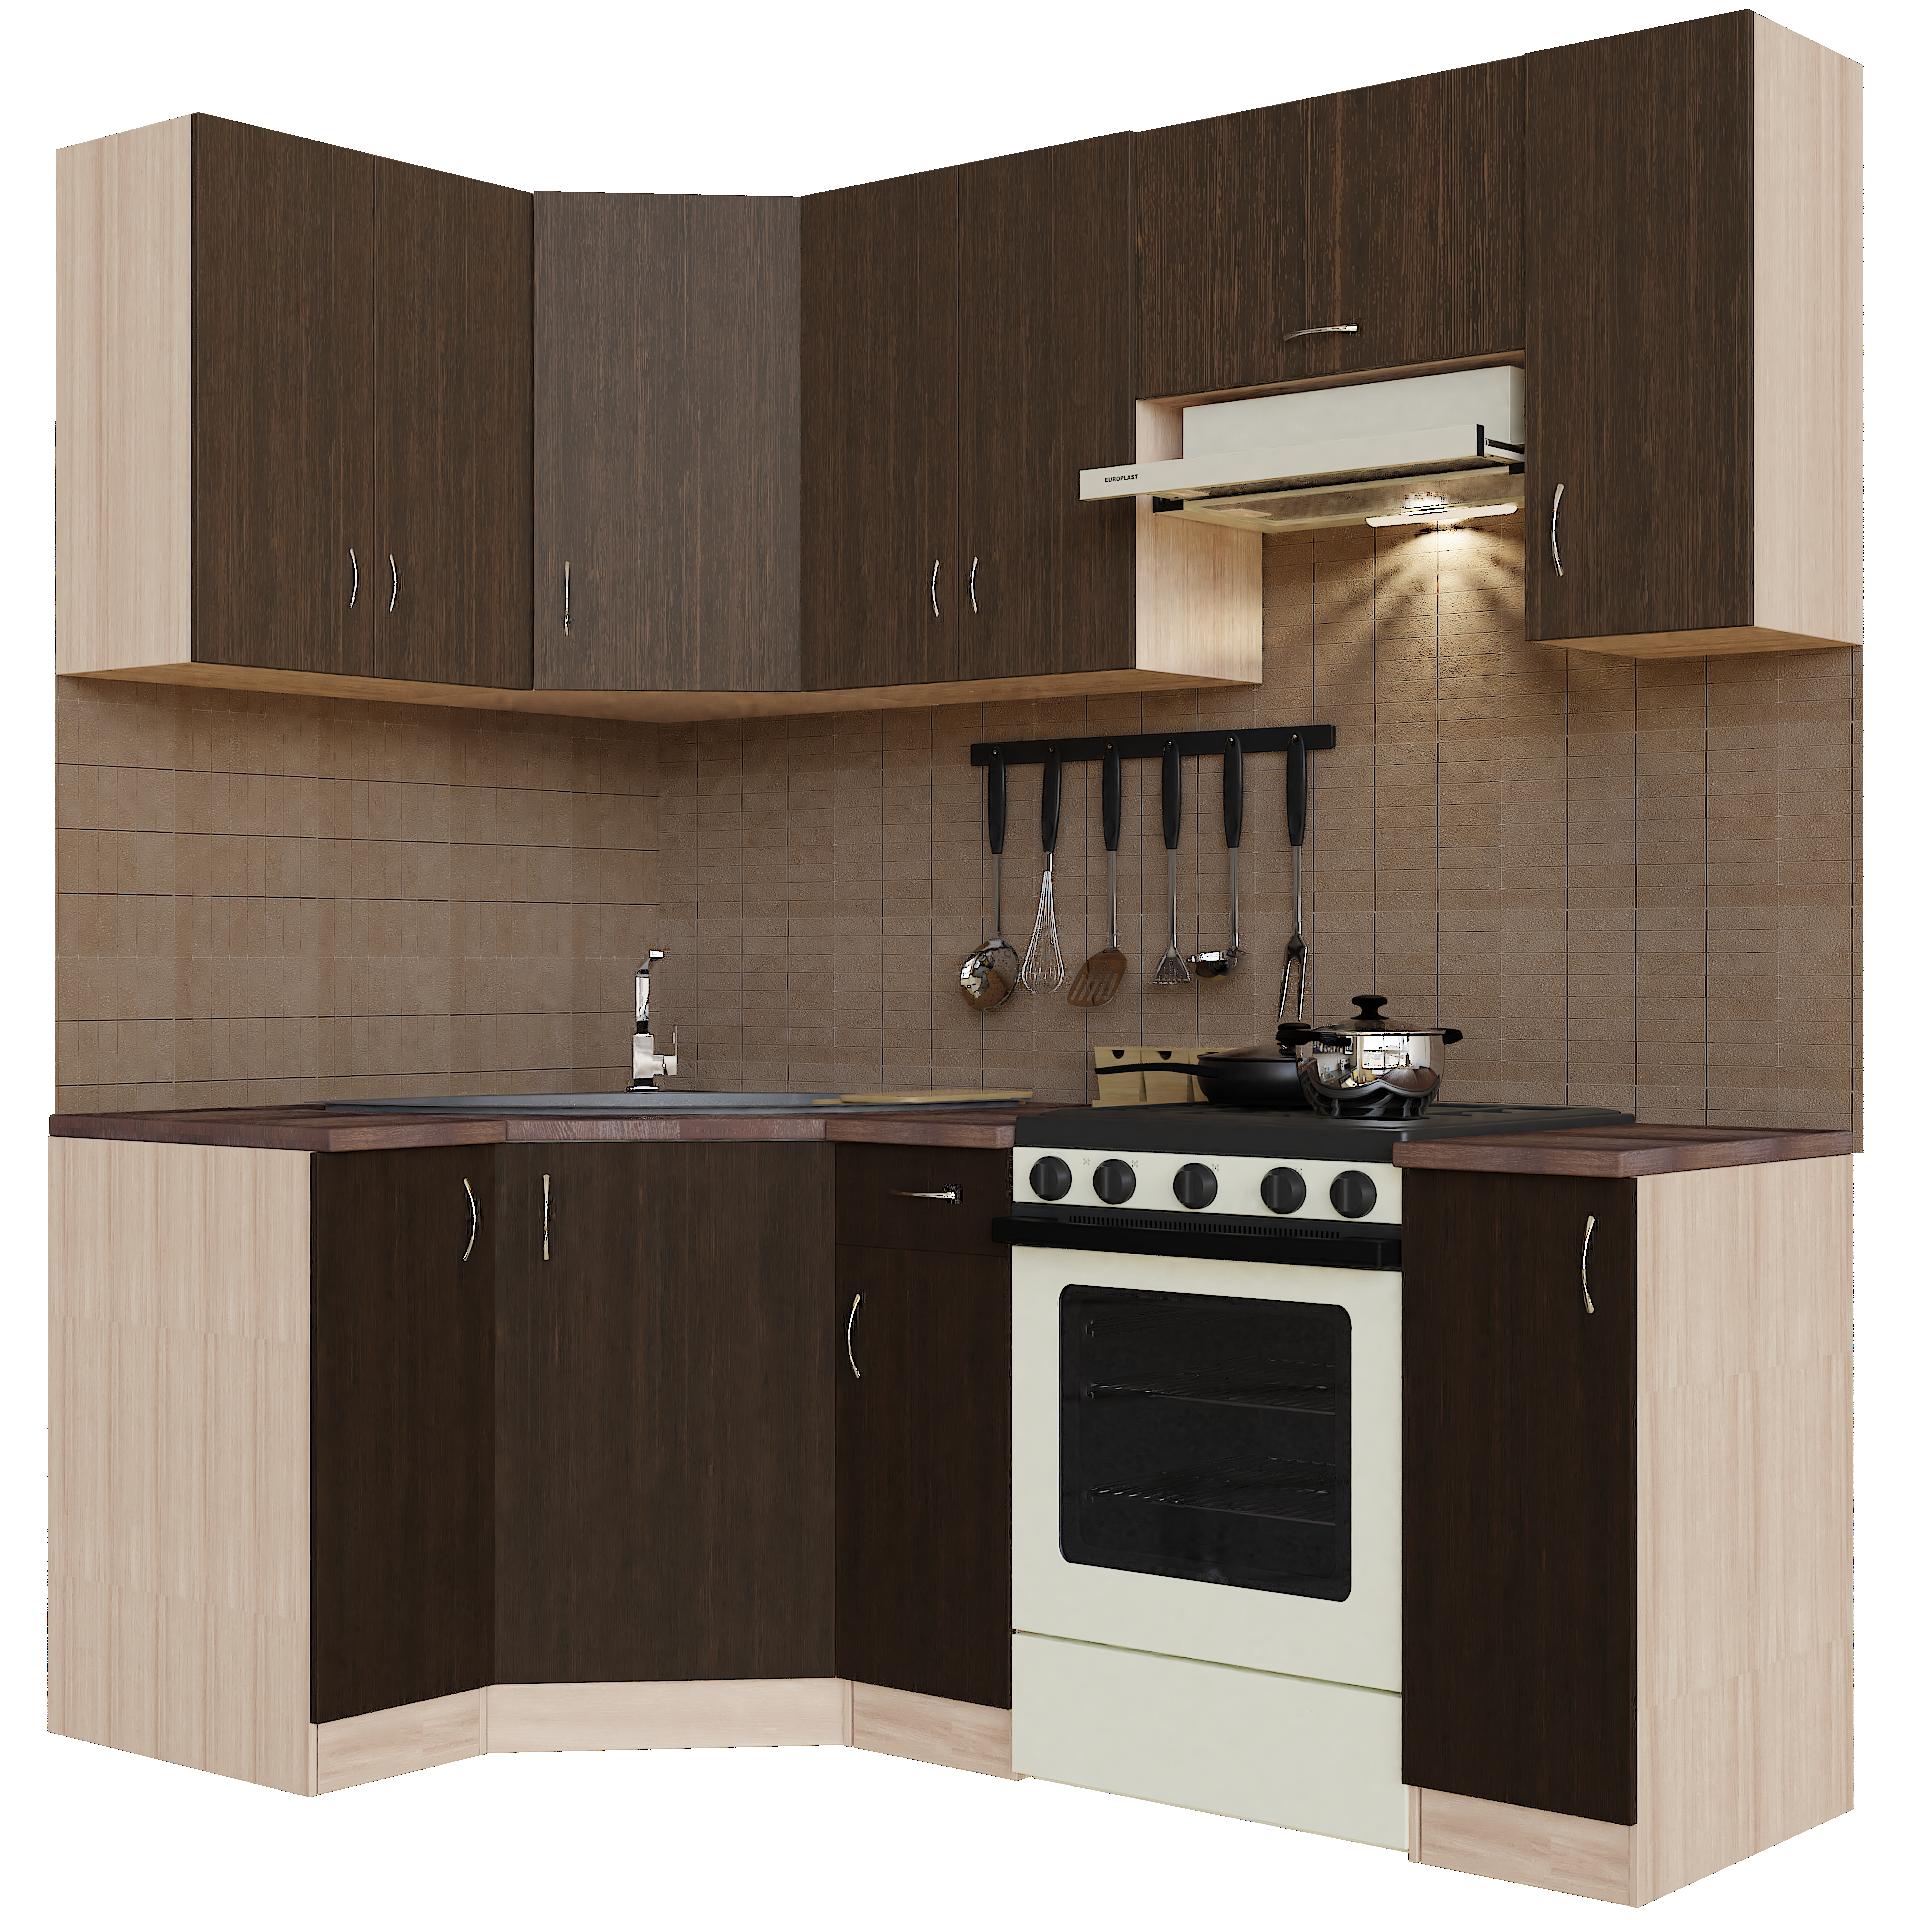 Кухонный гарнитур угловой Sanvut ГКУ2100-1.3.1 Венге / Шимо светлый (венге)